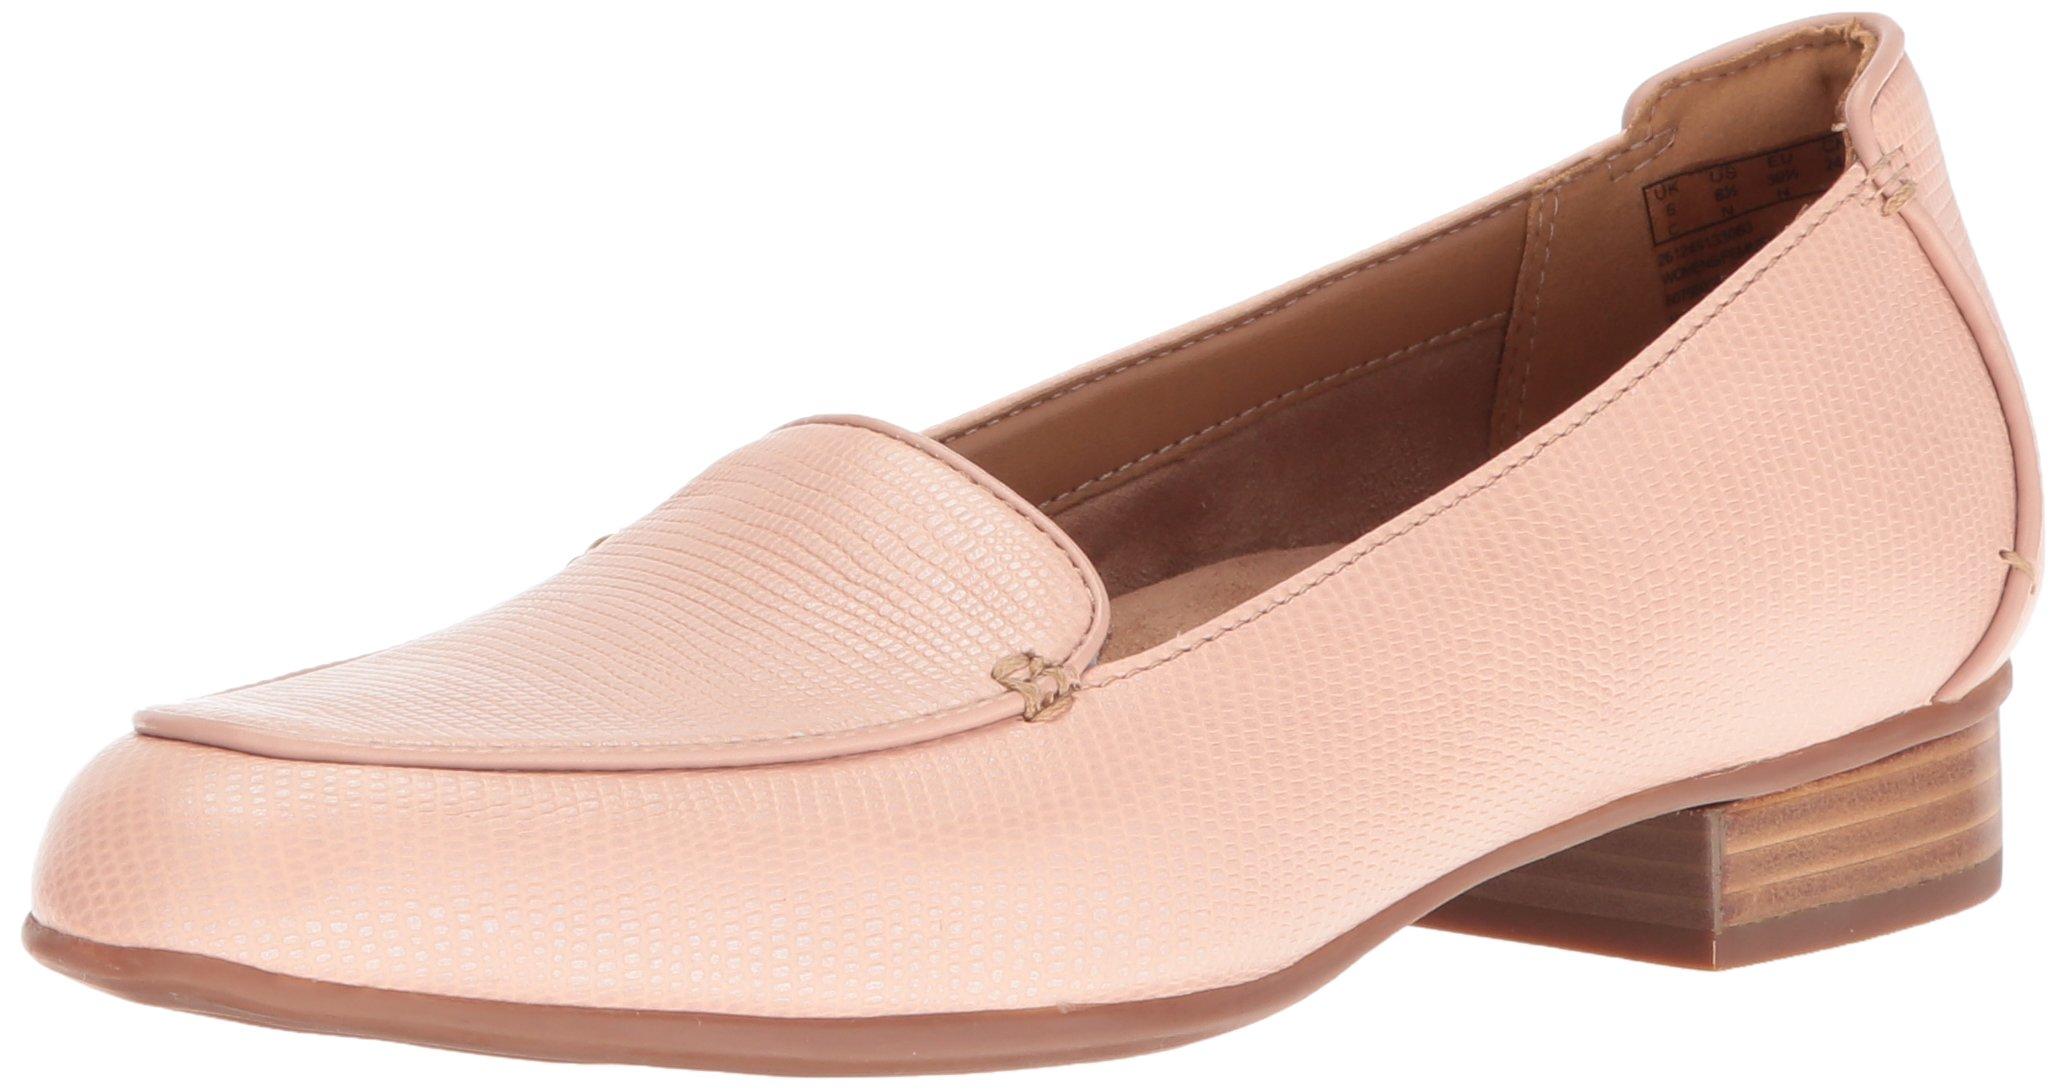 Clarks Women's Keesha Luca Slip-on Loafer, Dusty Pink Leather, 8.5 W US